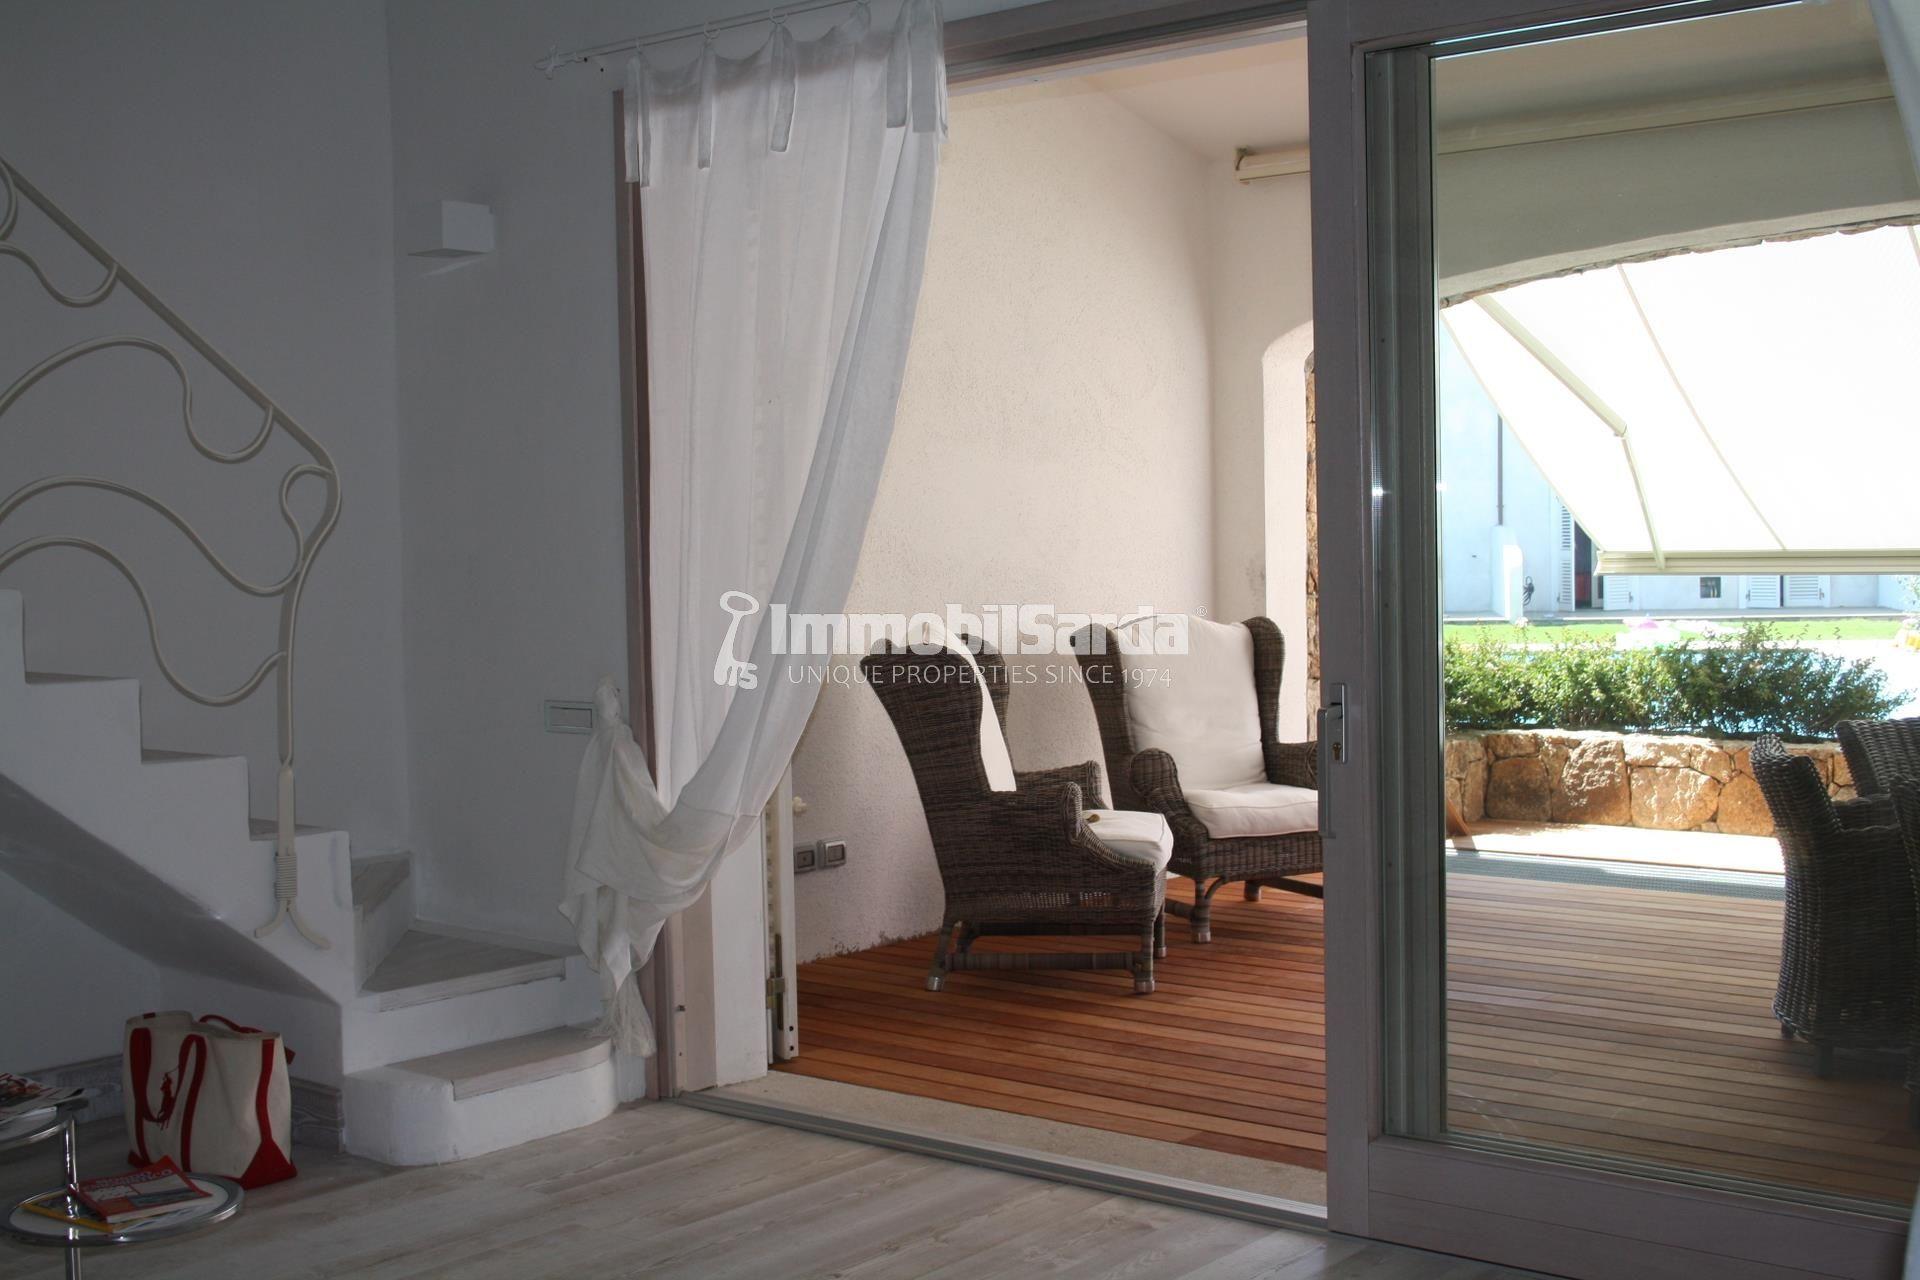 Complesso Sardegna, Italia Idee per decorare la casa